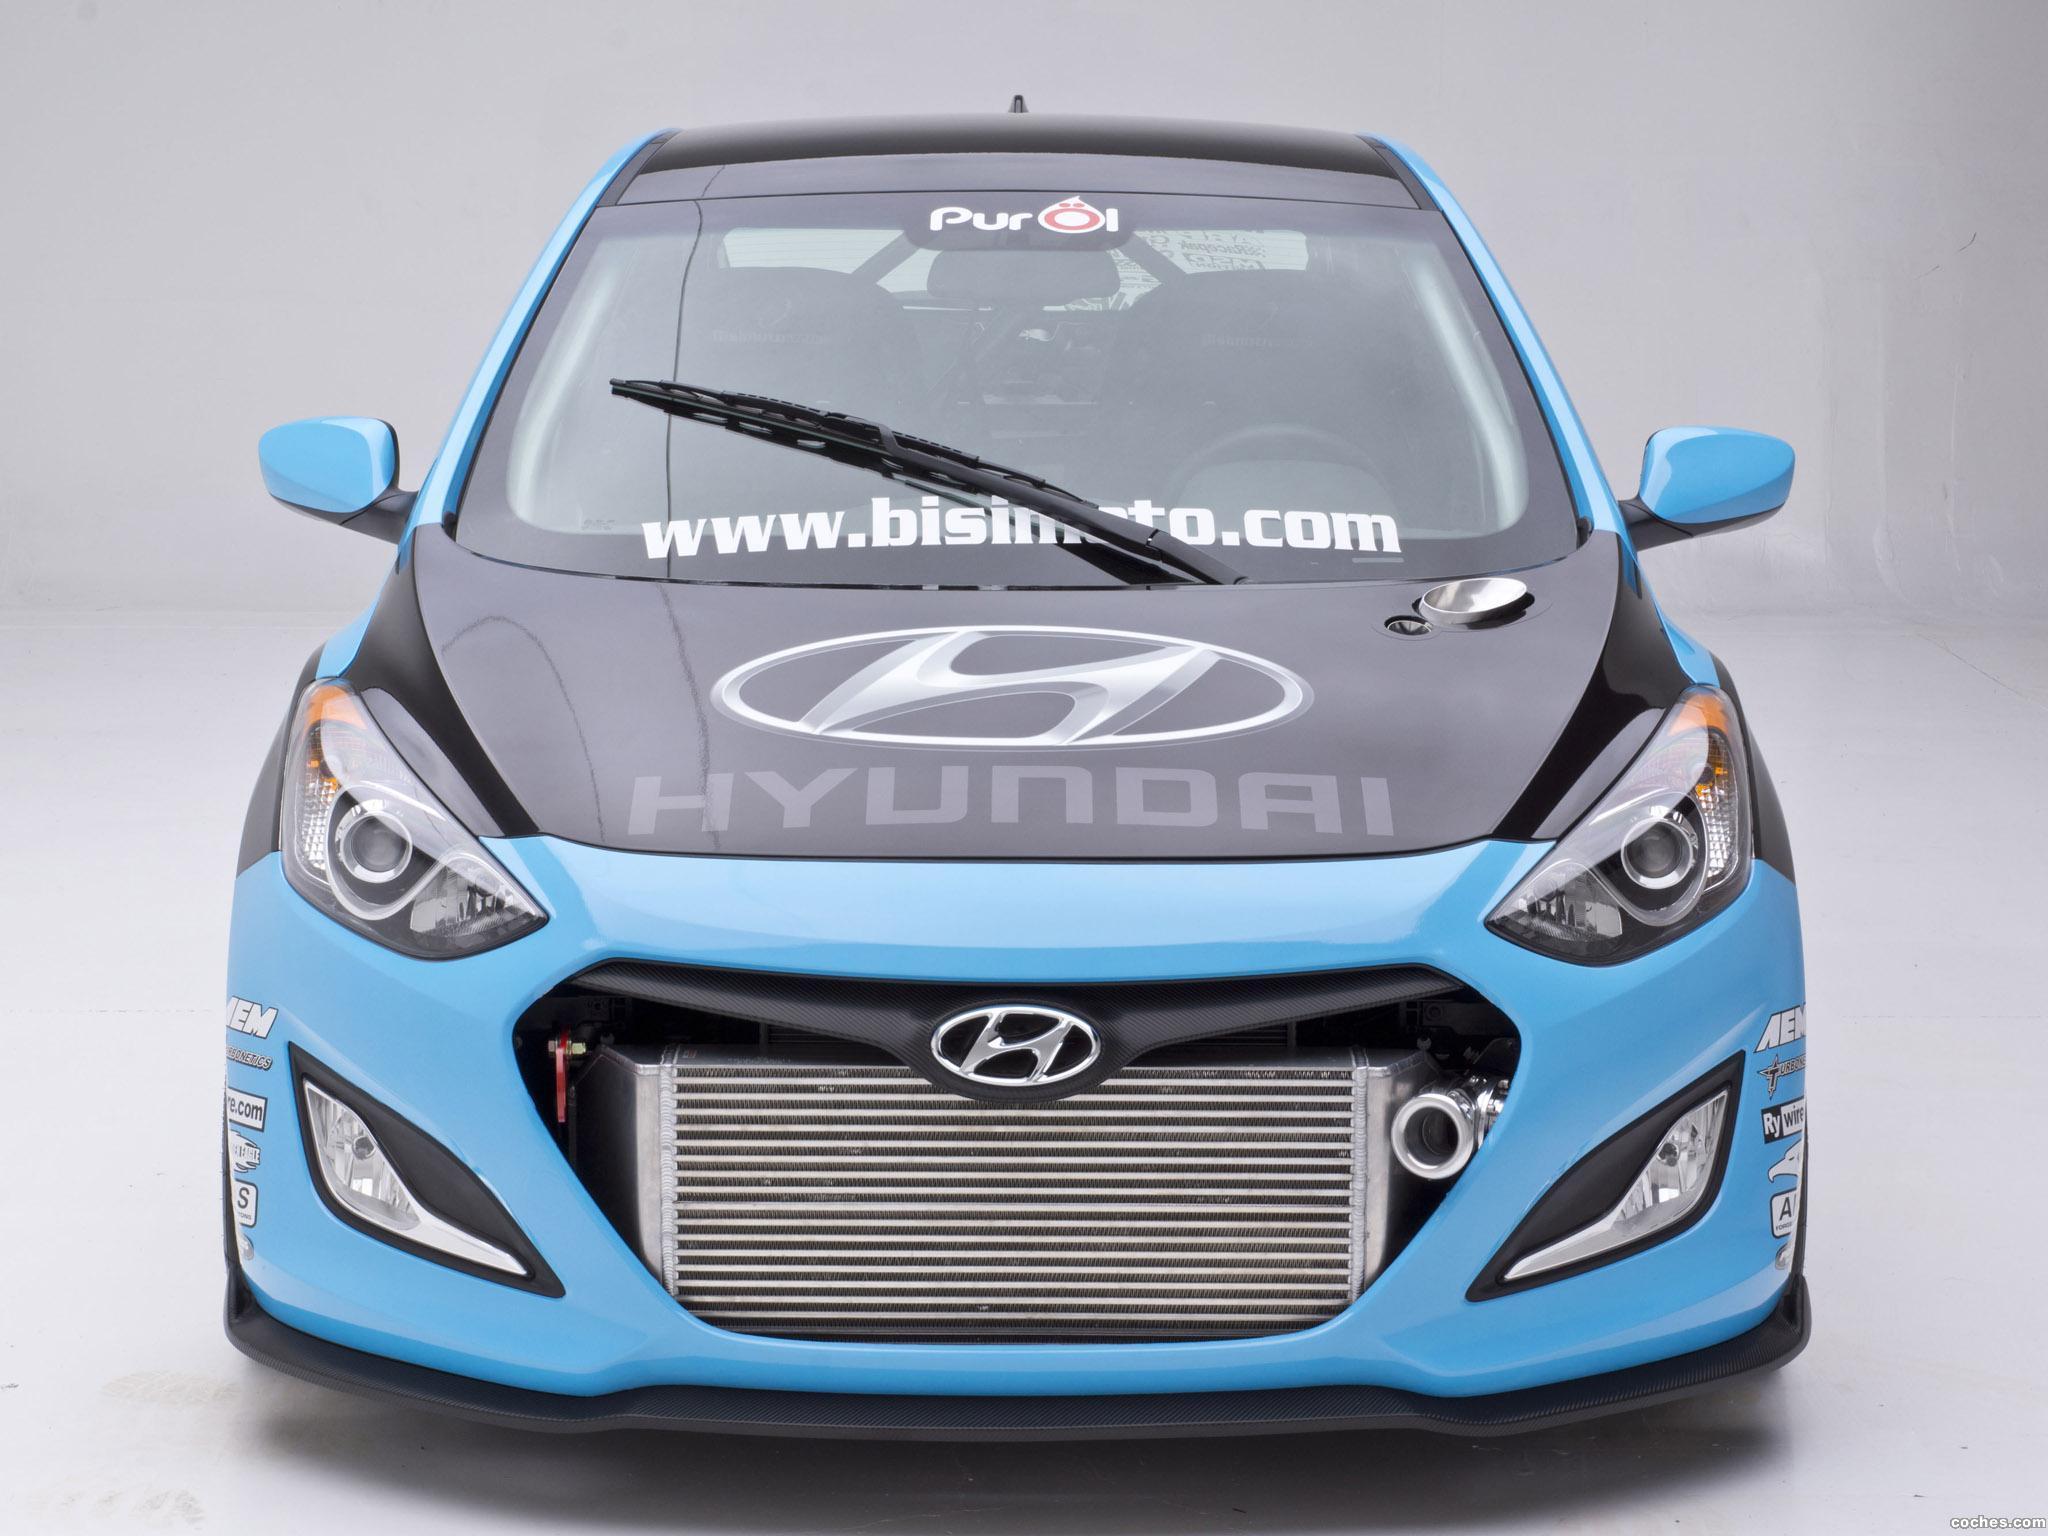 Foto 9 de Hyundai Elantra GT Concept by Bisimoto Engineering 2012